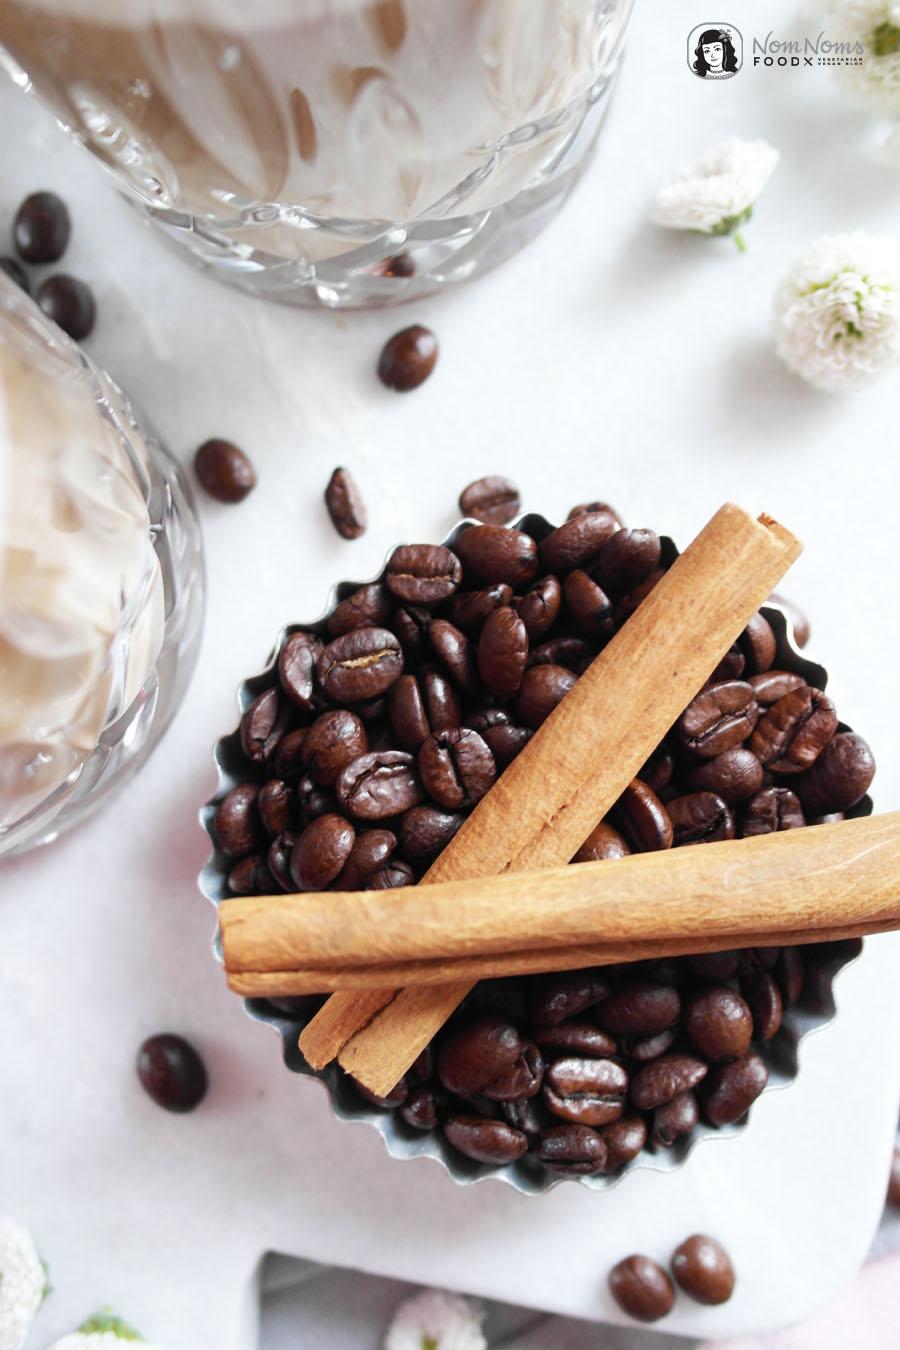 Zimtschnecken Latte Macchiato oder Cinnamon Roll Latte Macchiato mit Zimtschnecken Sirup